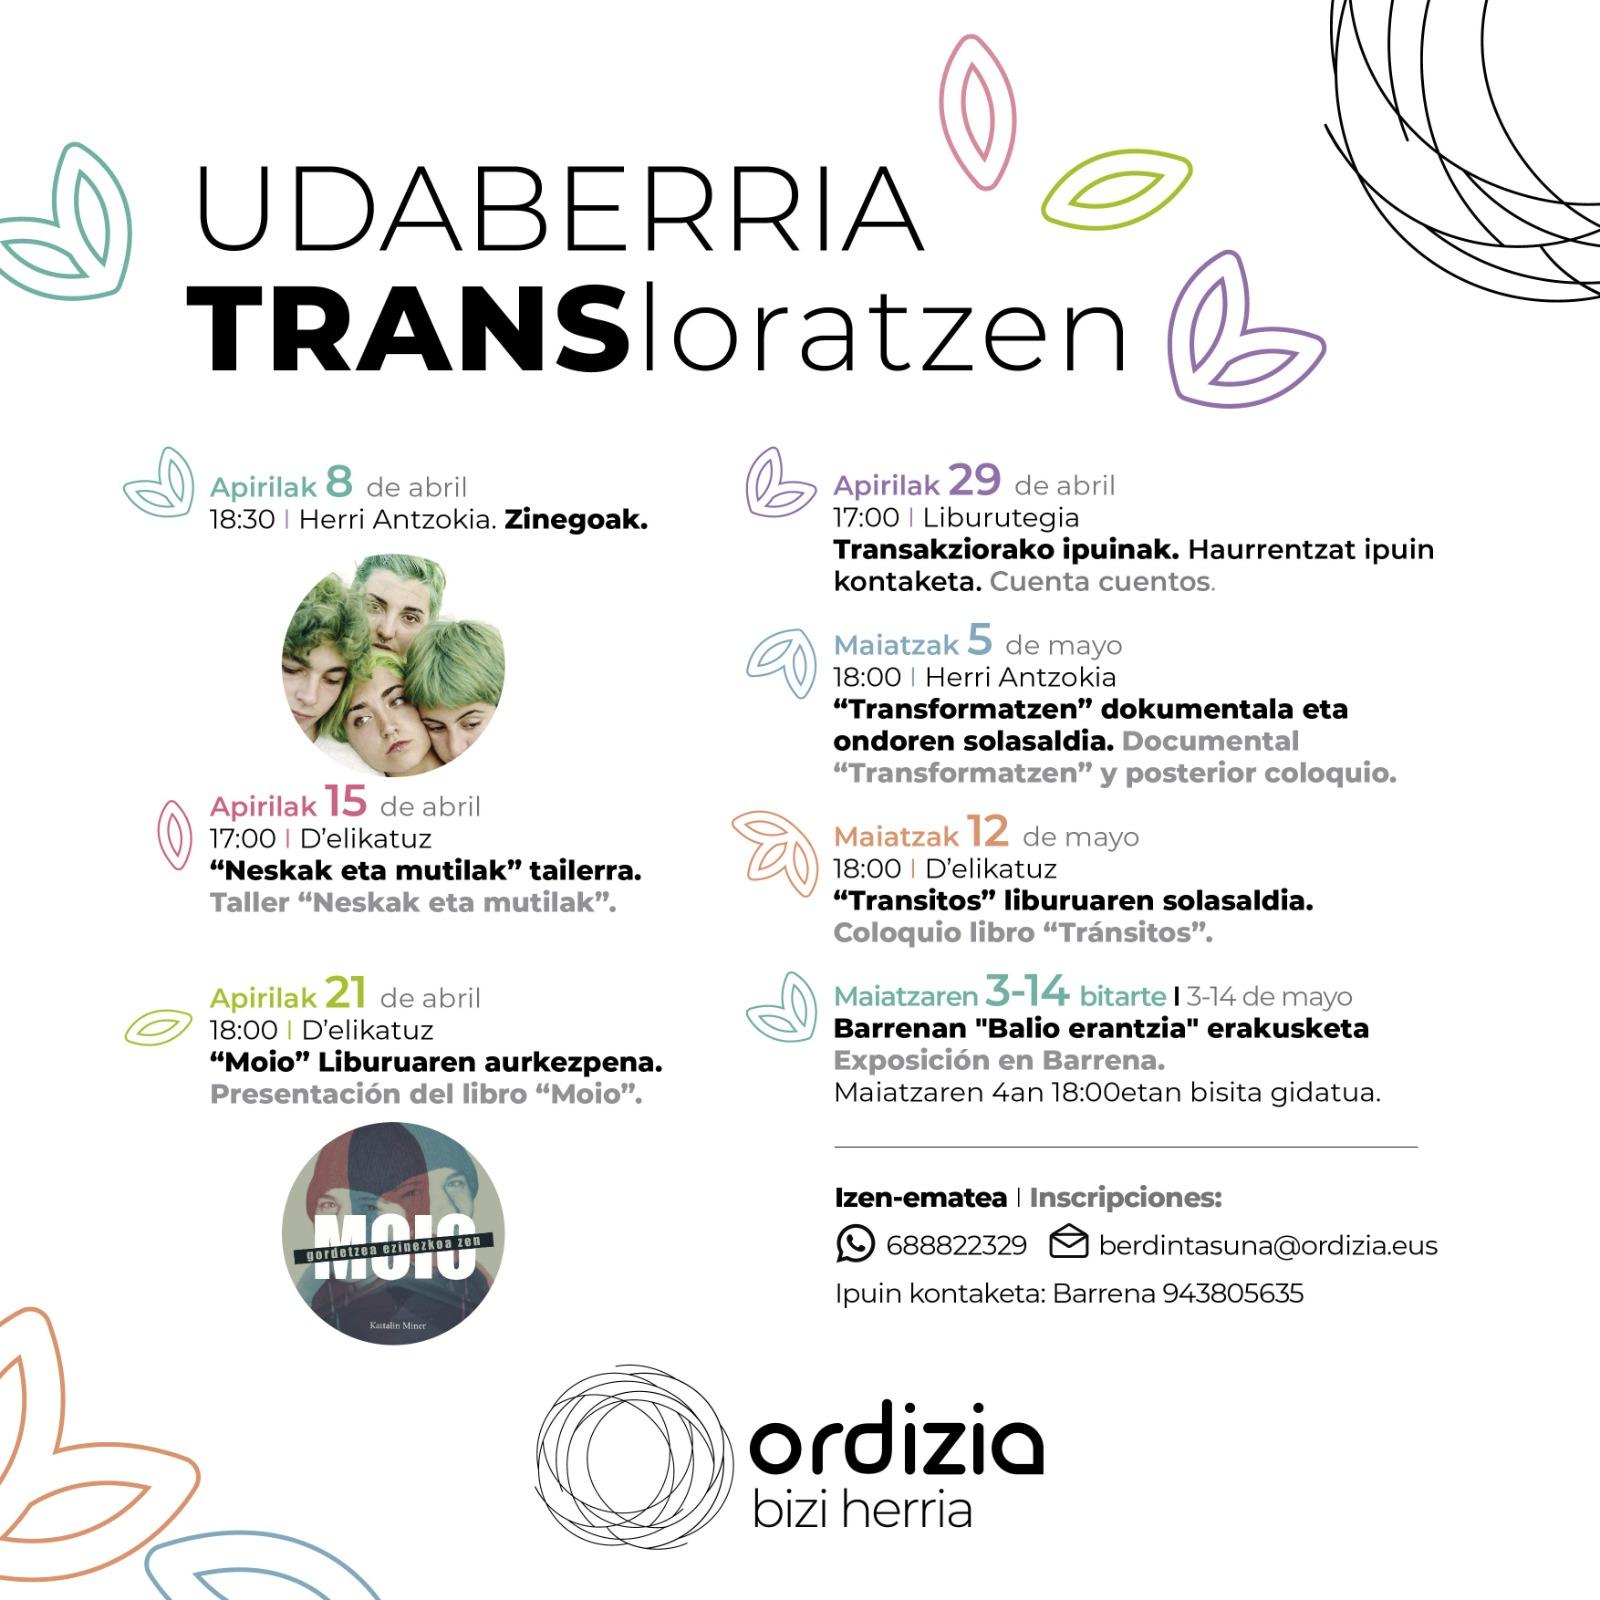 Udaberria Transloratzen programa